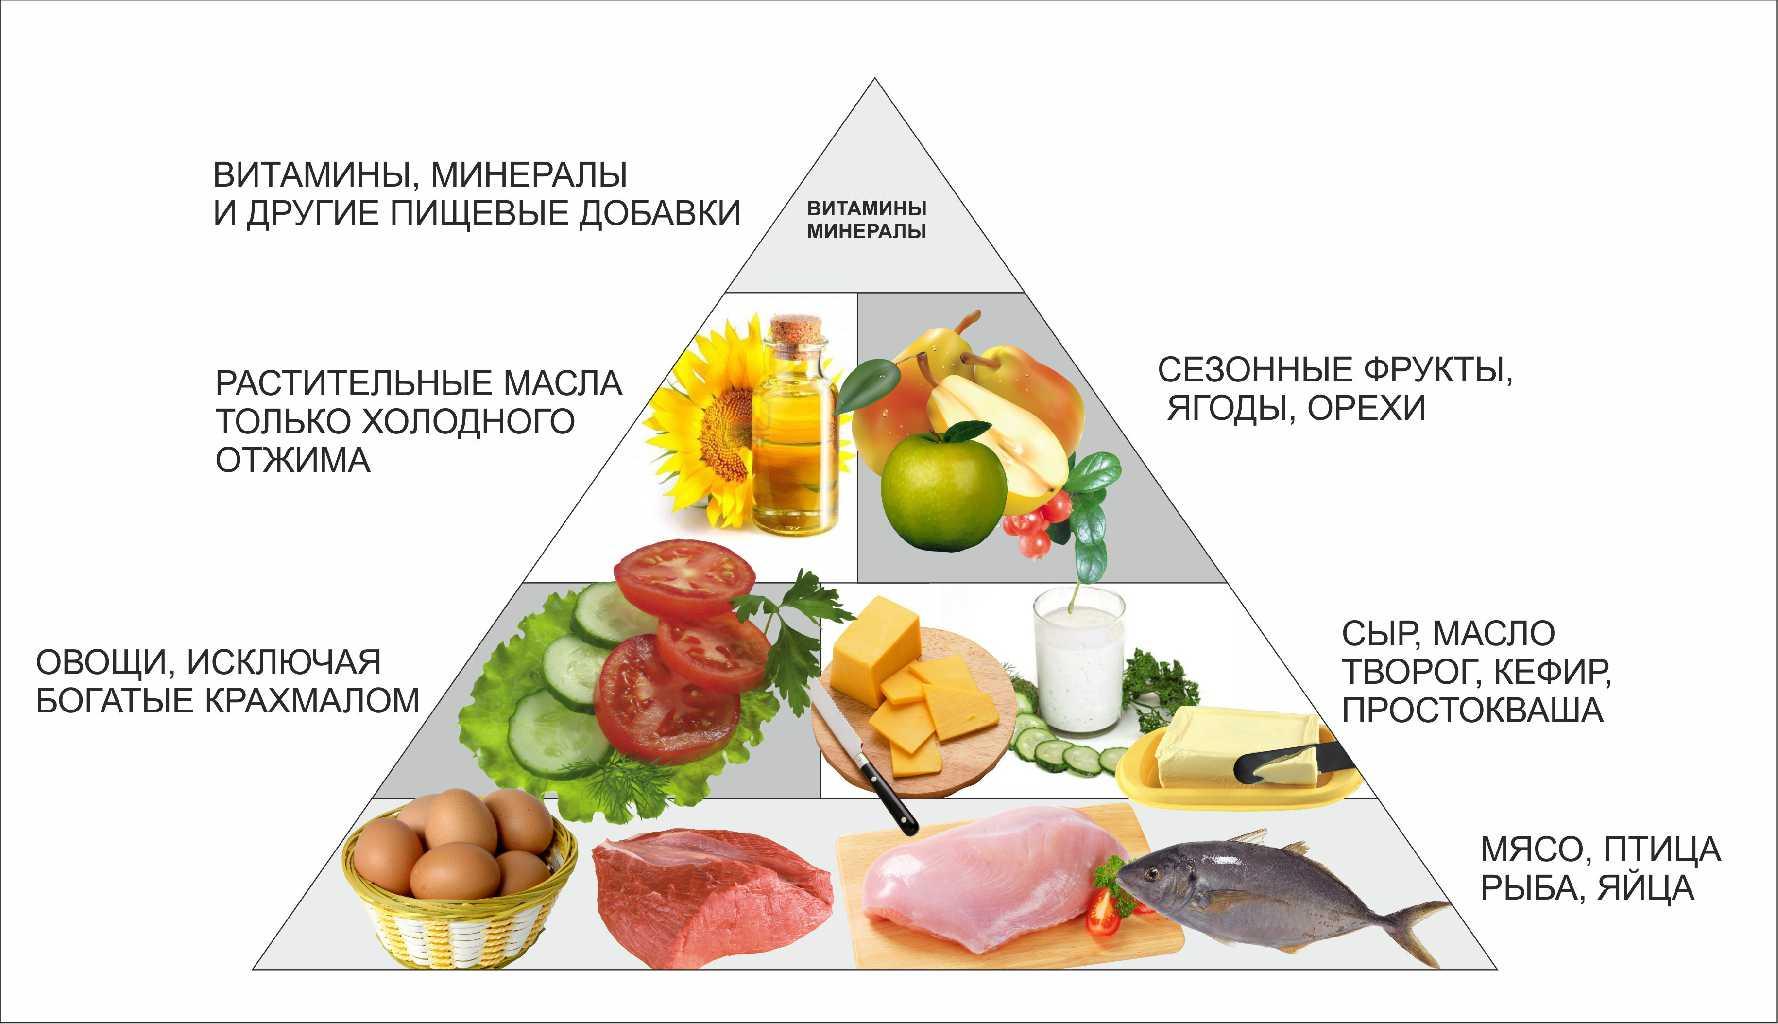 Низкоуглеводная диета — какие продукты можно есть, а какиенельзя?